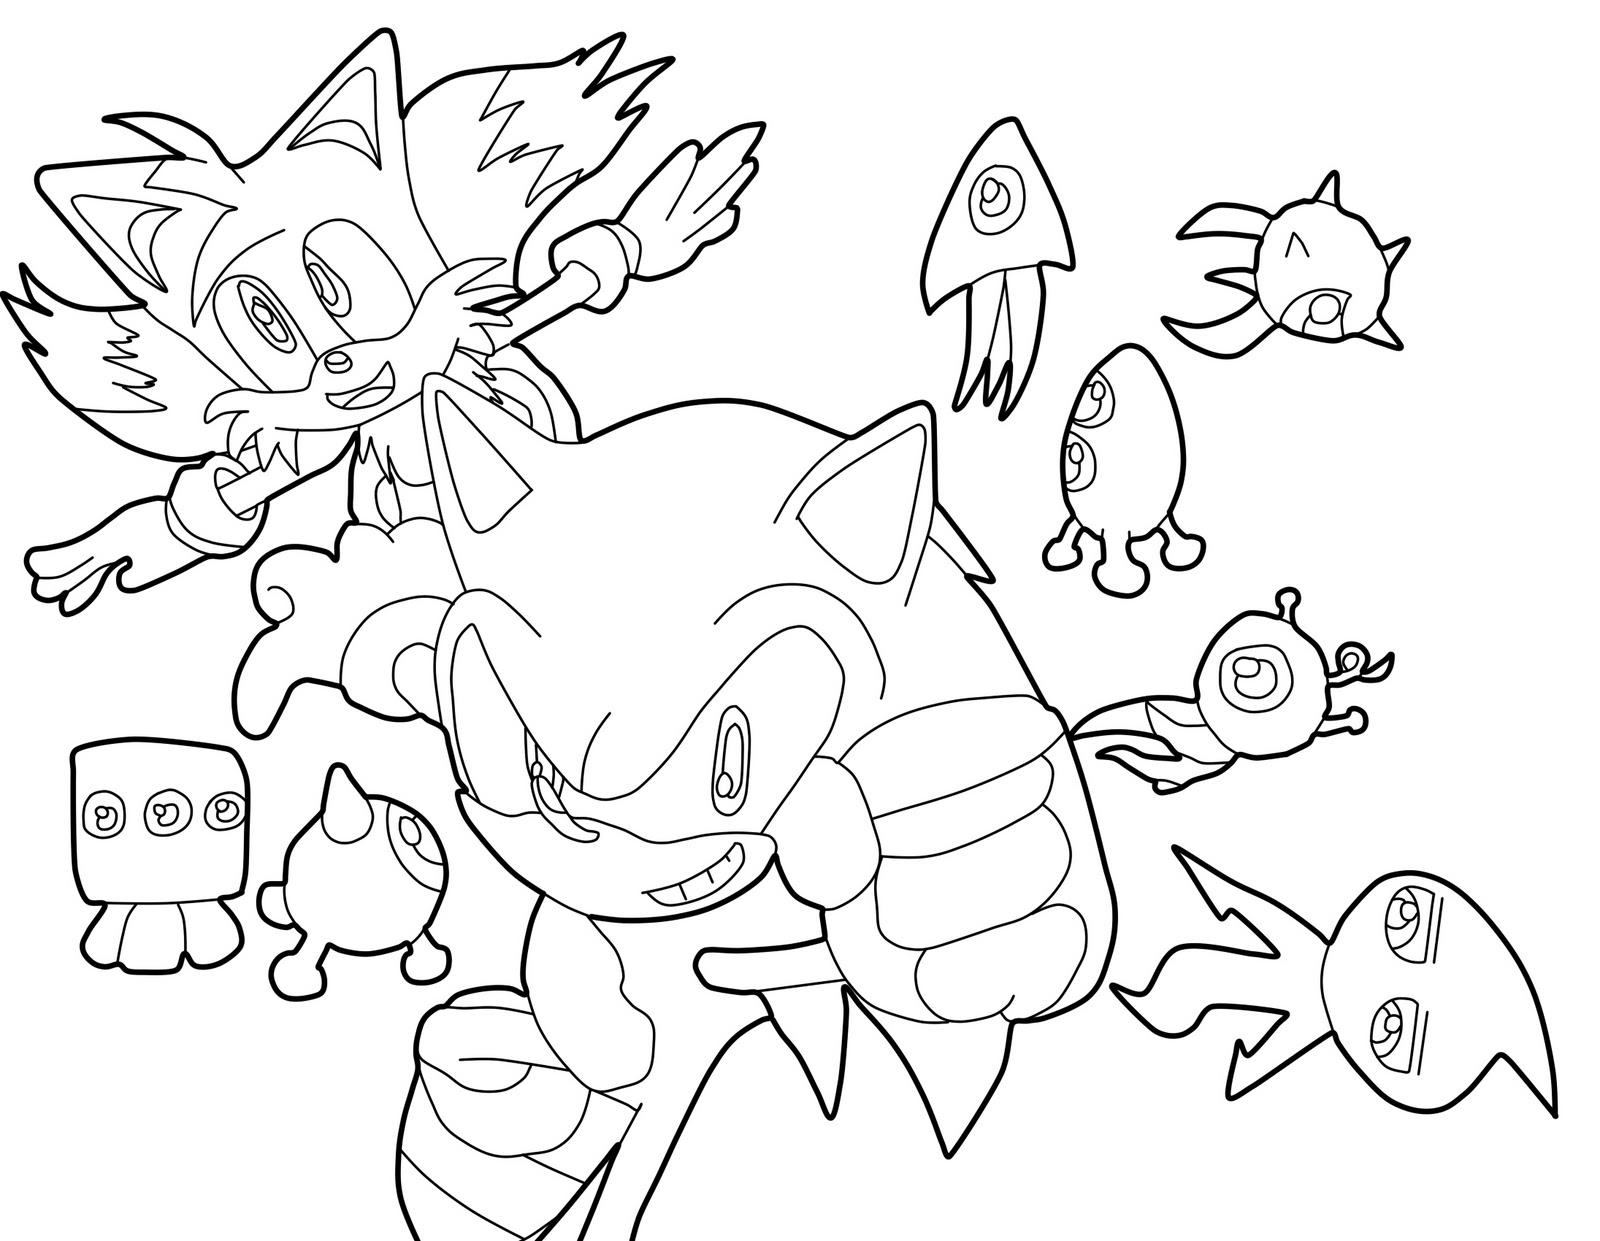 Dibujos De Sonic Para Imprimir Y Colorear: Blog MegaDiverso: Sonic Para Imprimir Y Pintar